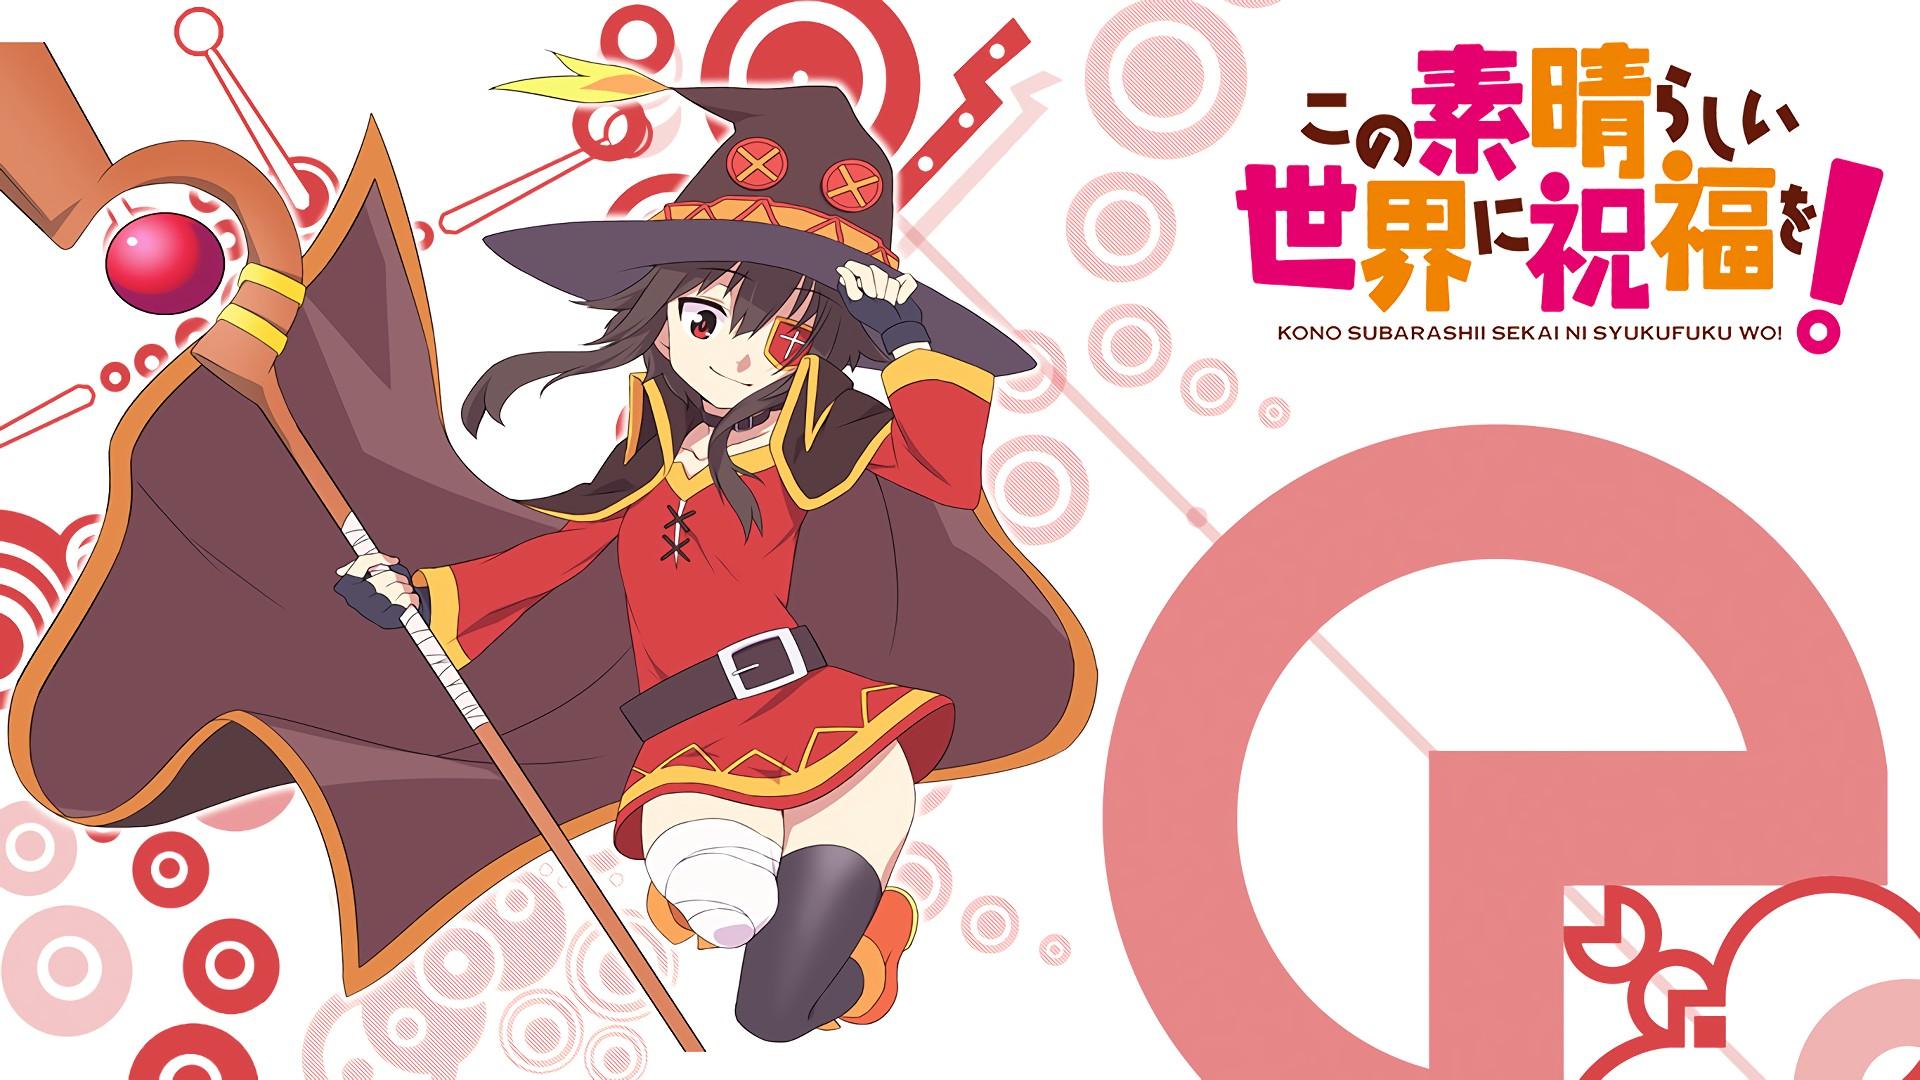 Kono Subarashii Sekai Ni Shukufuku Wo Anime Girls Megumin Hd